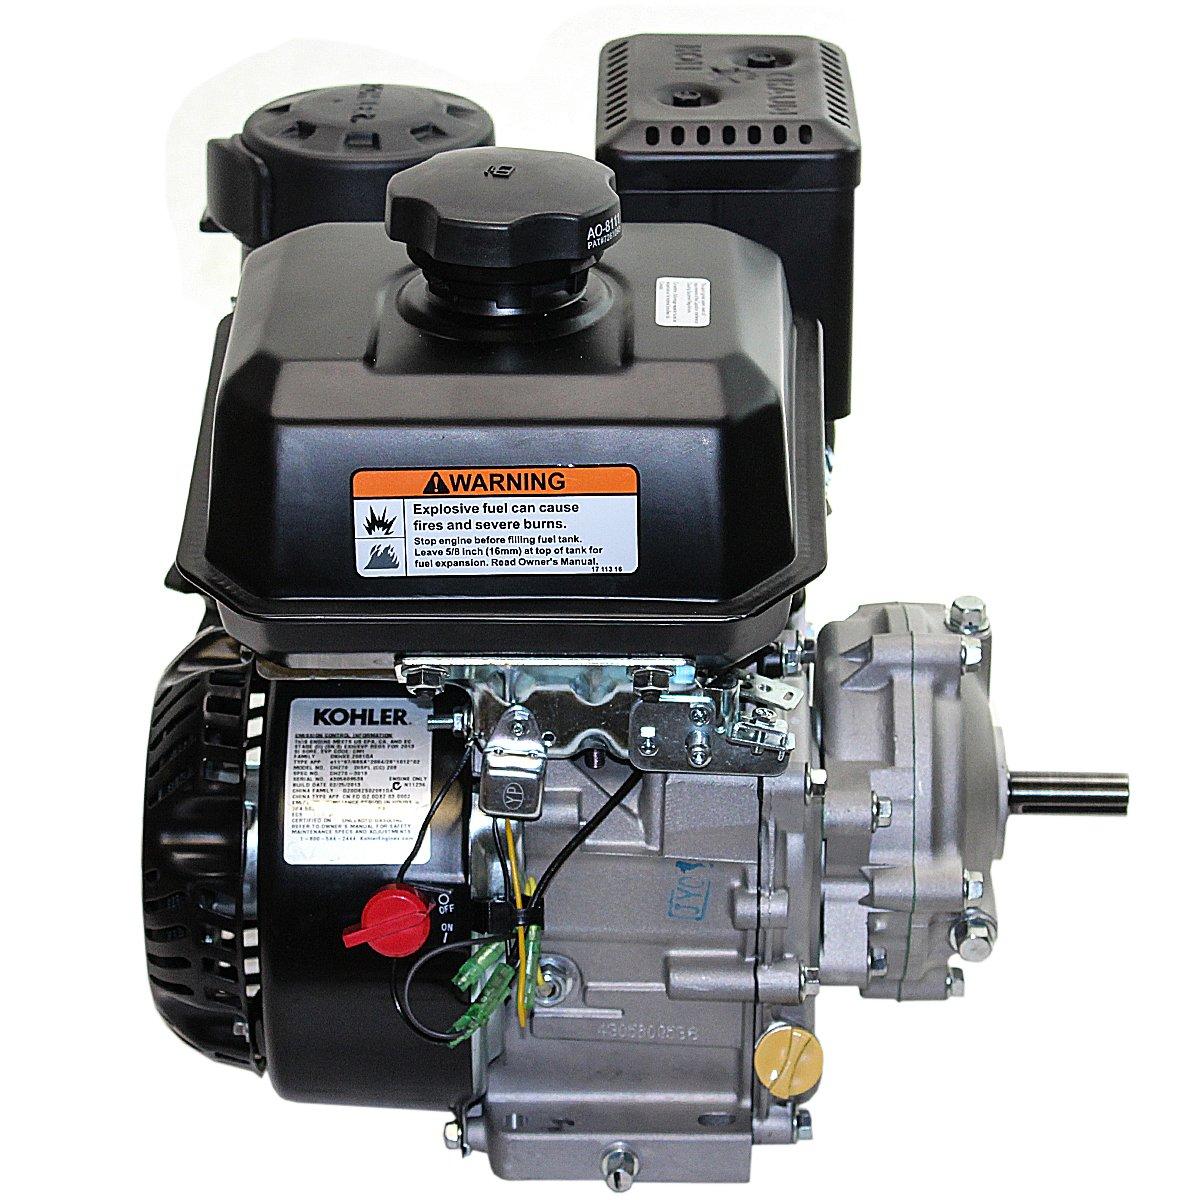 Kohler Engine Parts Together With Ch18s Kohler Engine Diagram